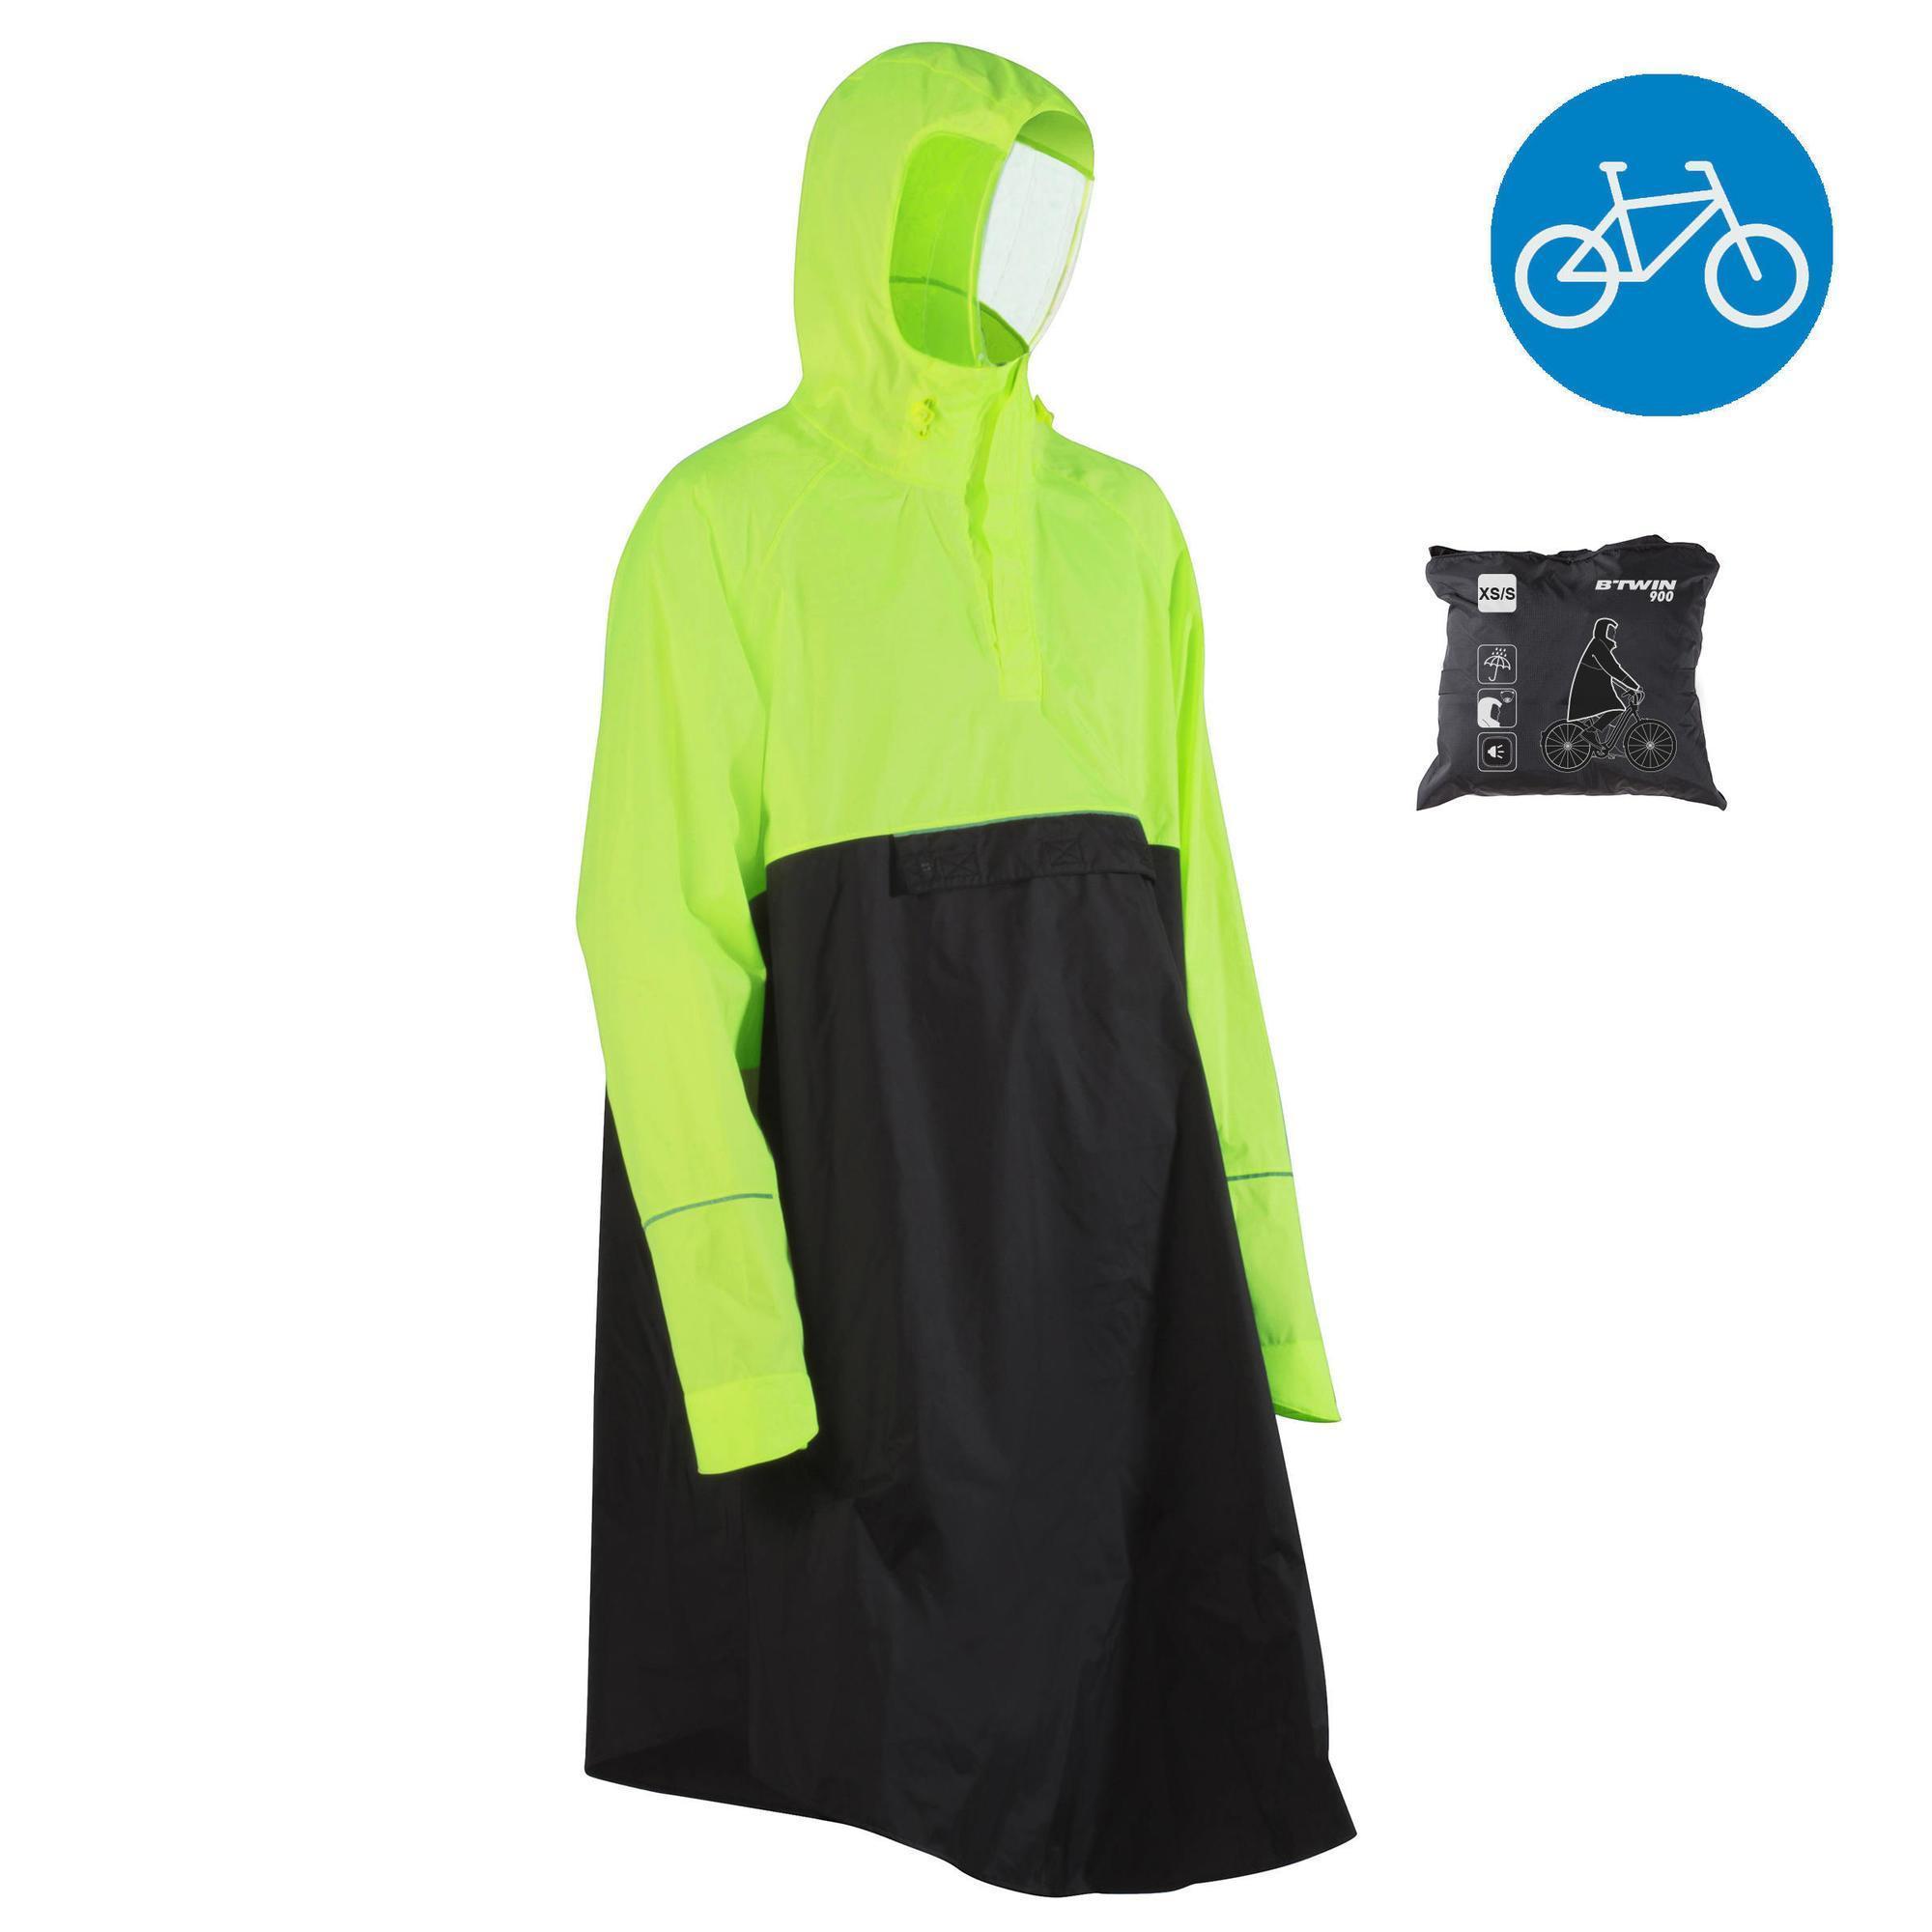 ec8fe7656c Comprar Chalecos y Cortavientos de Ciclismo Online | Decathlon